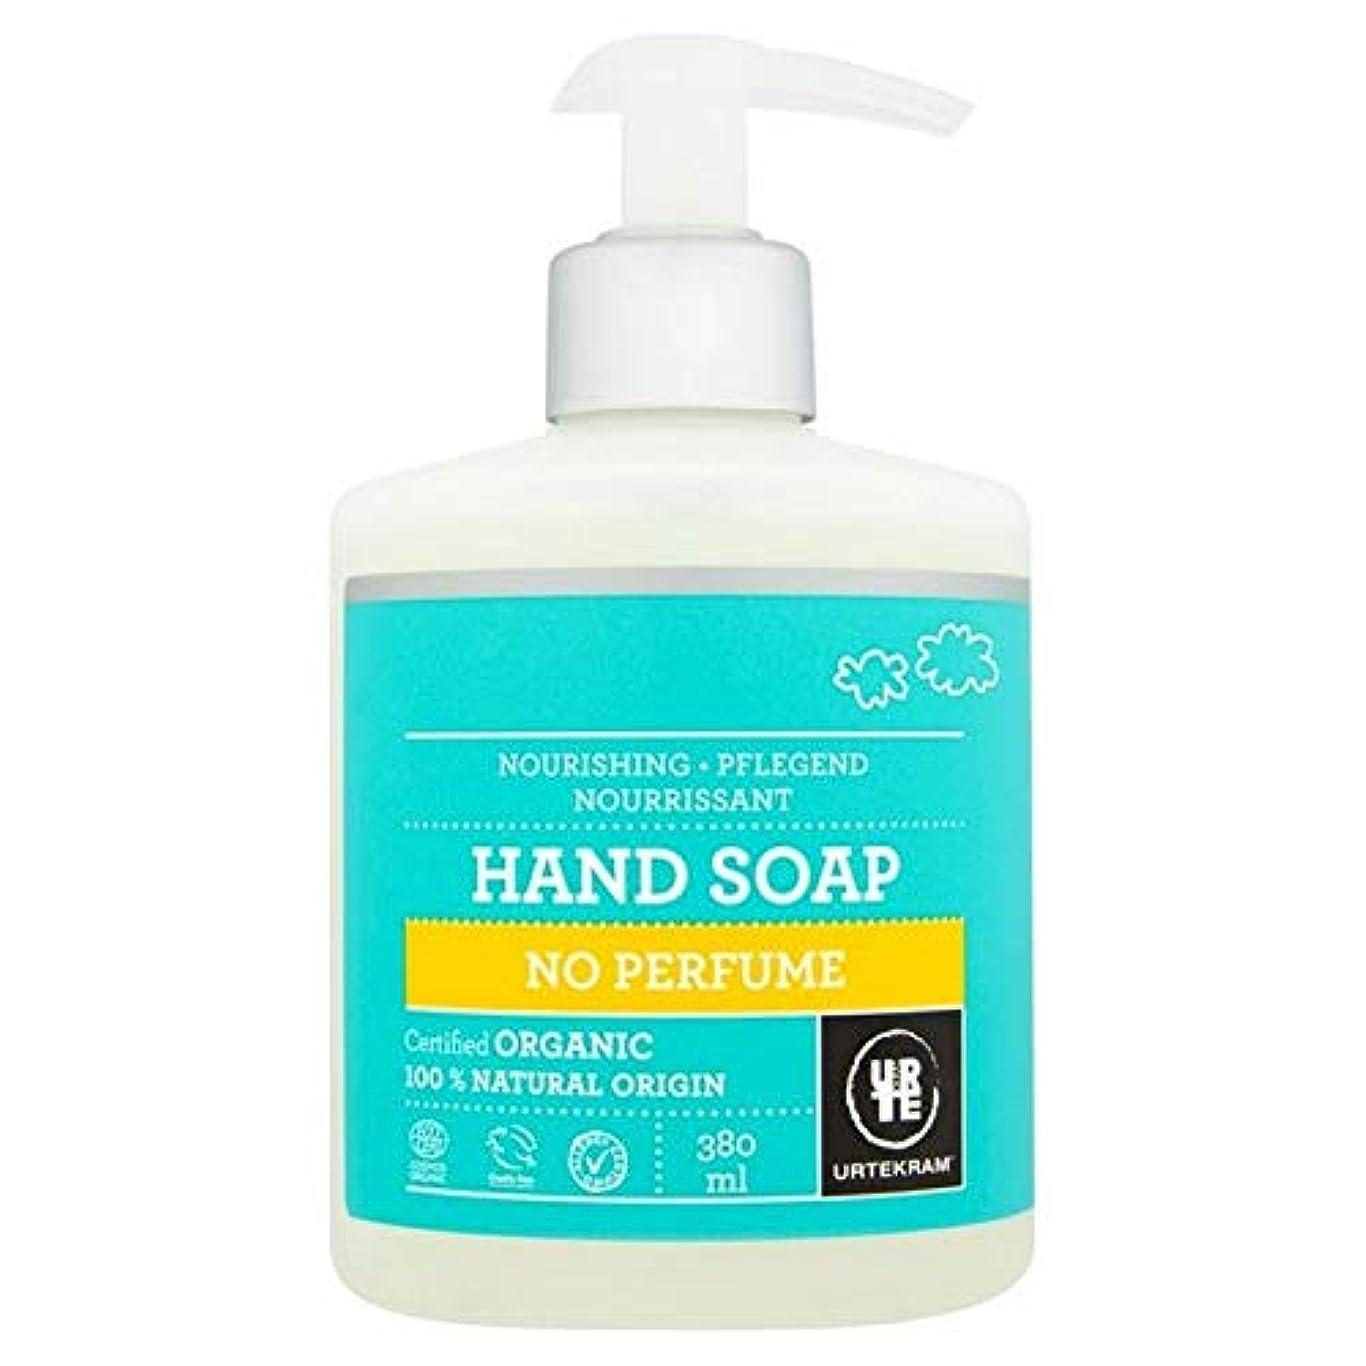 汚物セラー思い出させる[Urtekram] 何の香水、液体ハンドソープ380ミリリットルをUrtekramありません - Urtekram No Perfume Liquid Hand Soap 380ml [並行輸入品]